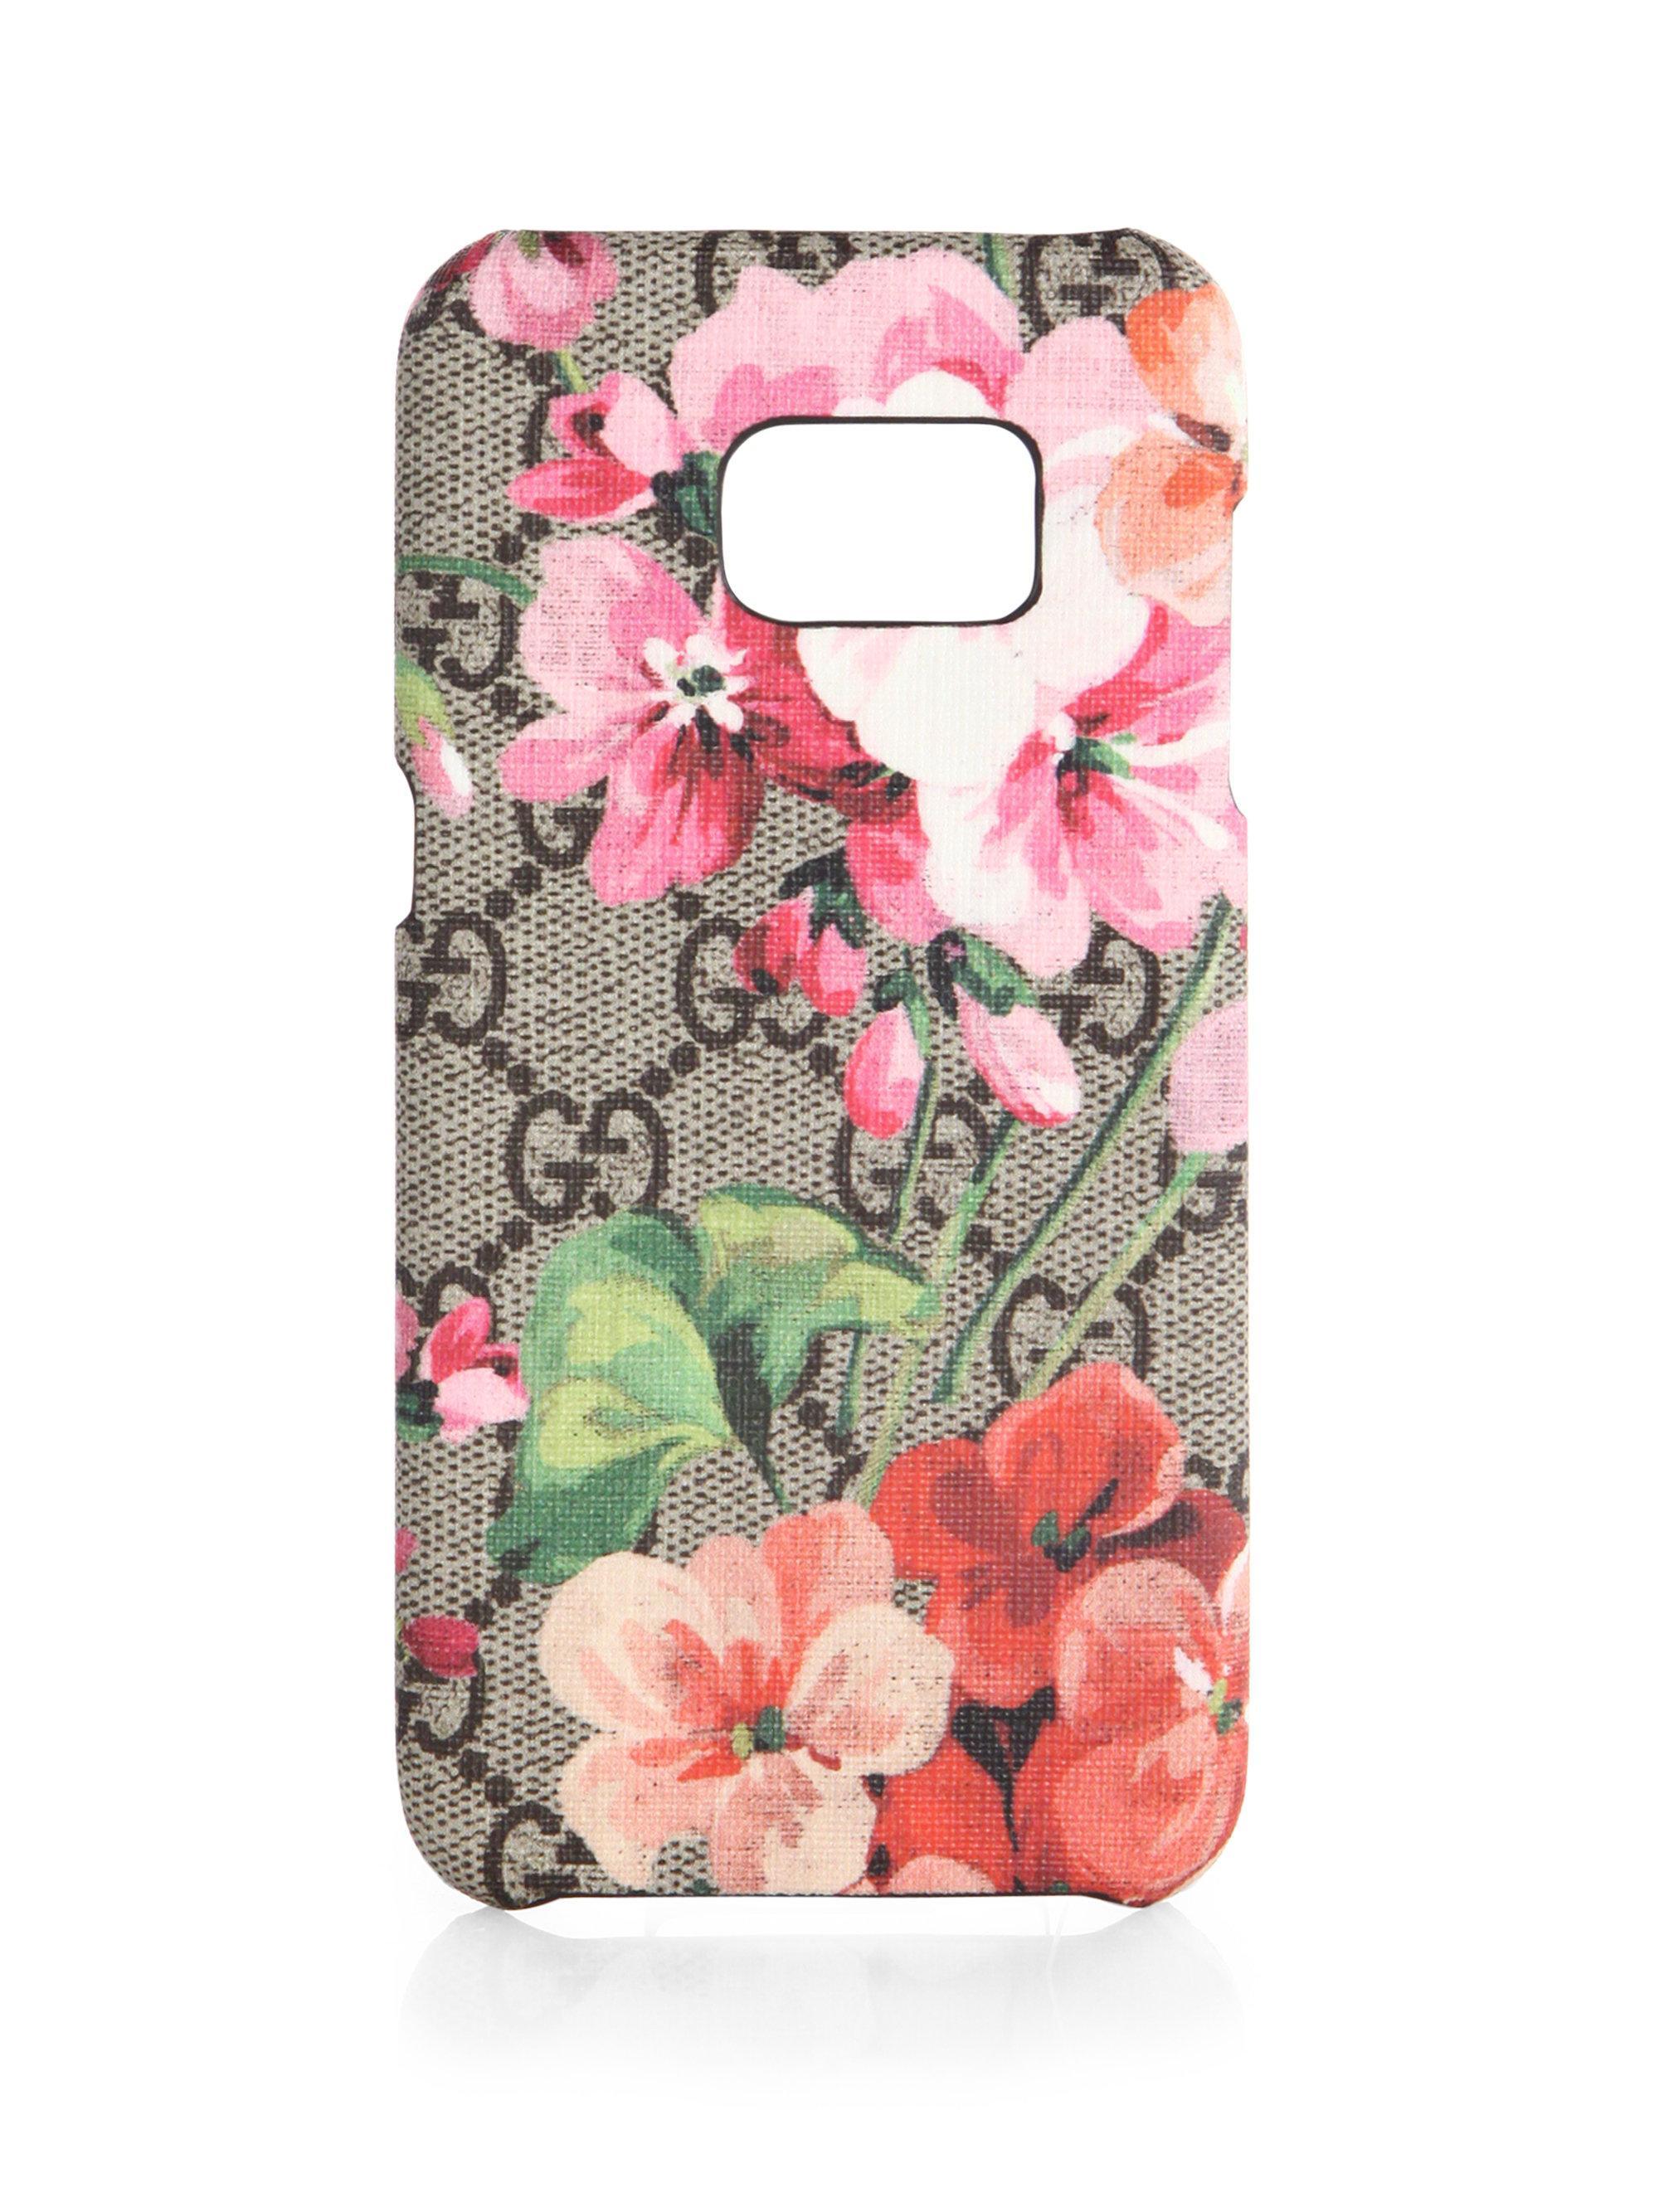 the latest 4fc03 d89e7 Gucci Multicolor Gg Blooms Samsung S7 Case